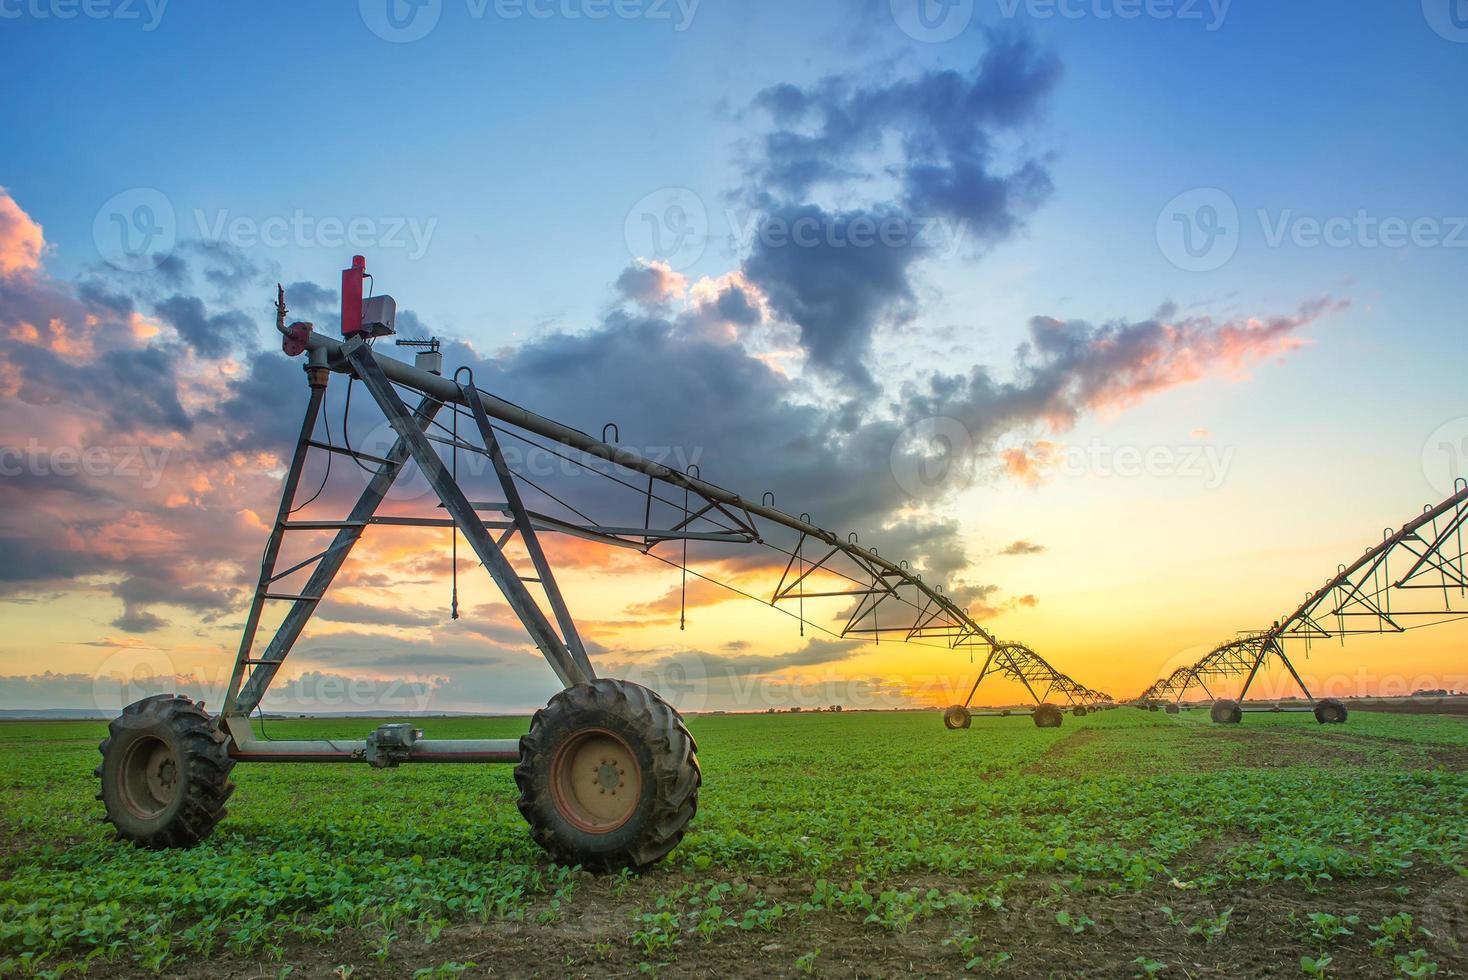 sistema de irrigação agrícola automatizado no pôr do sol foto